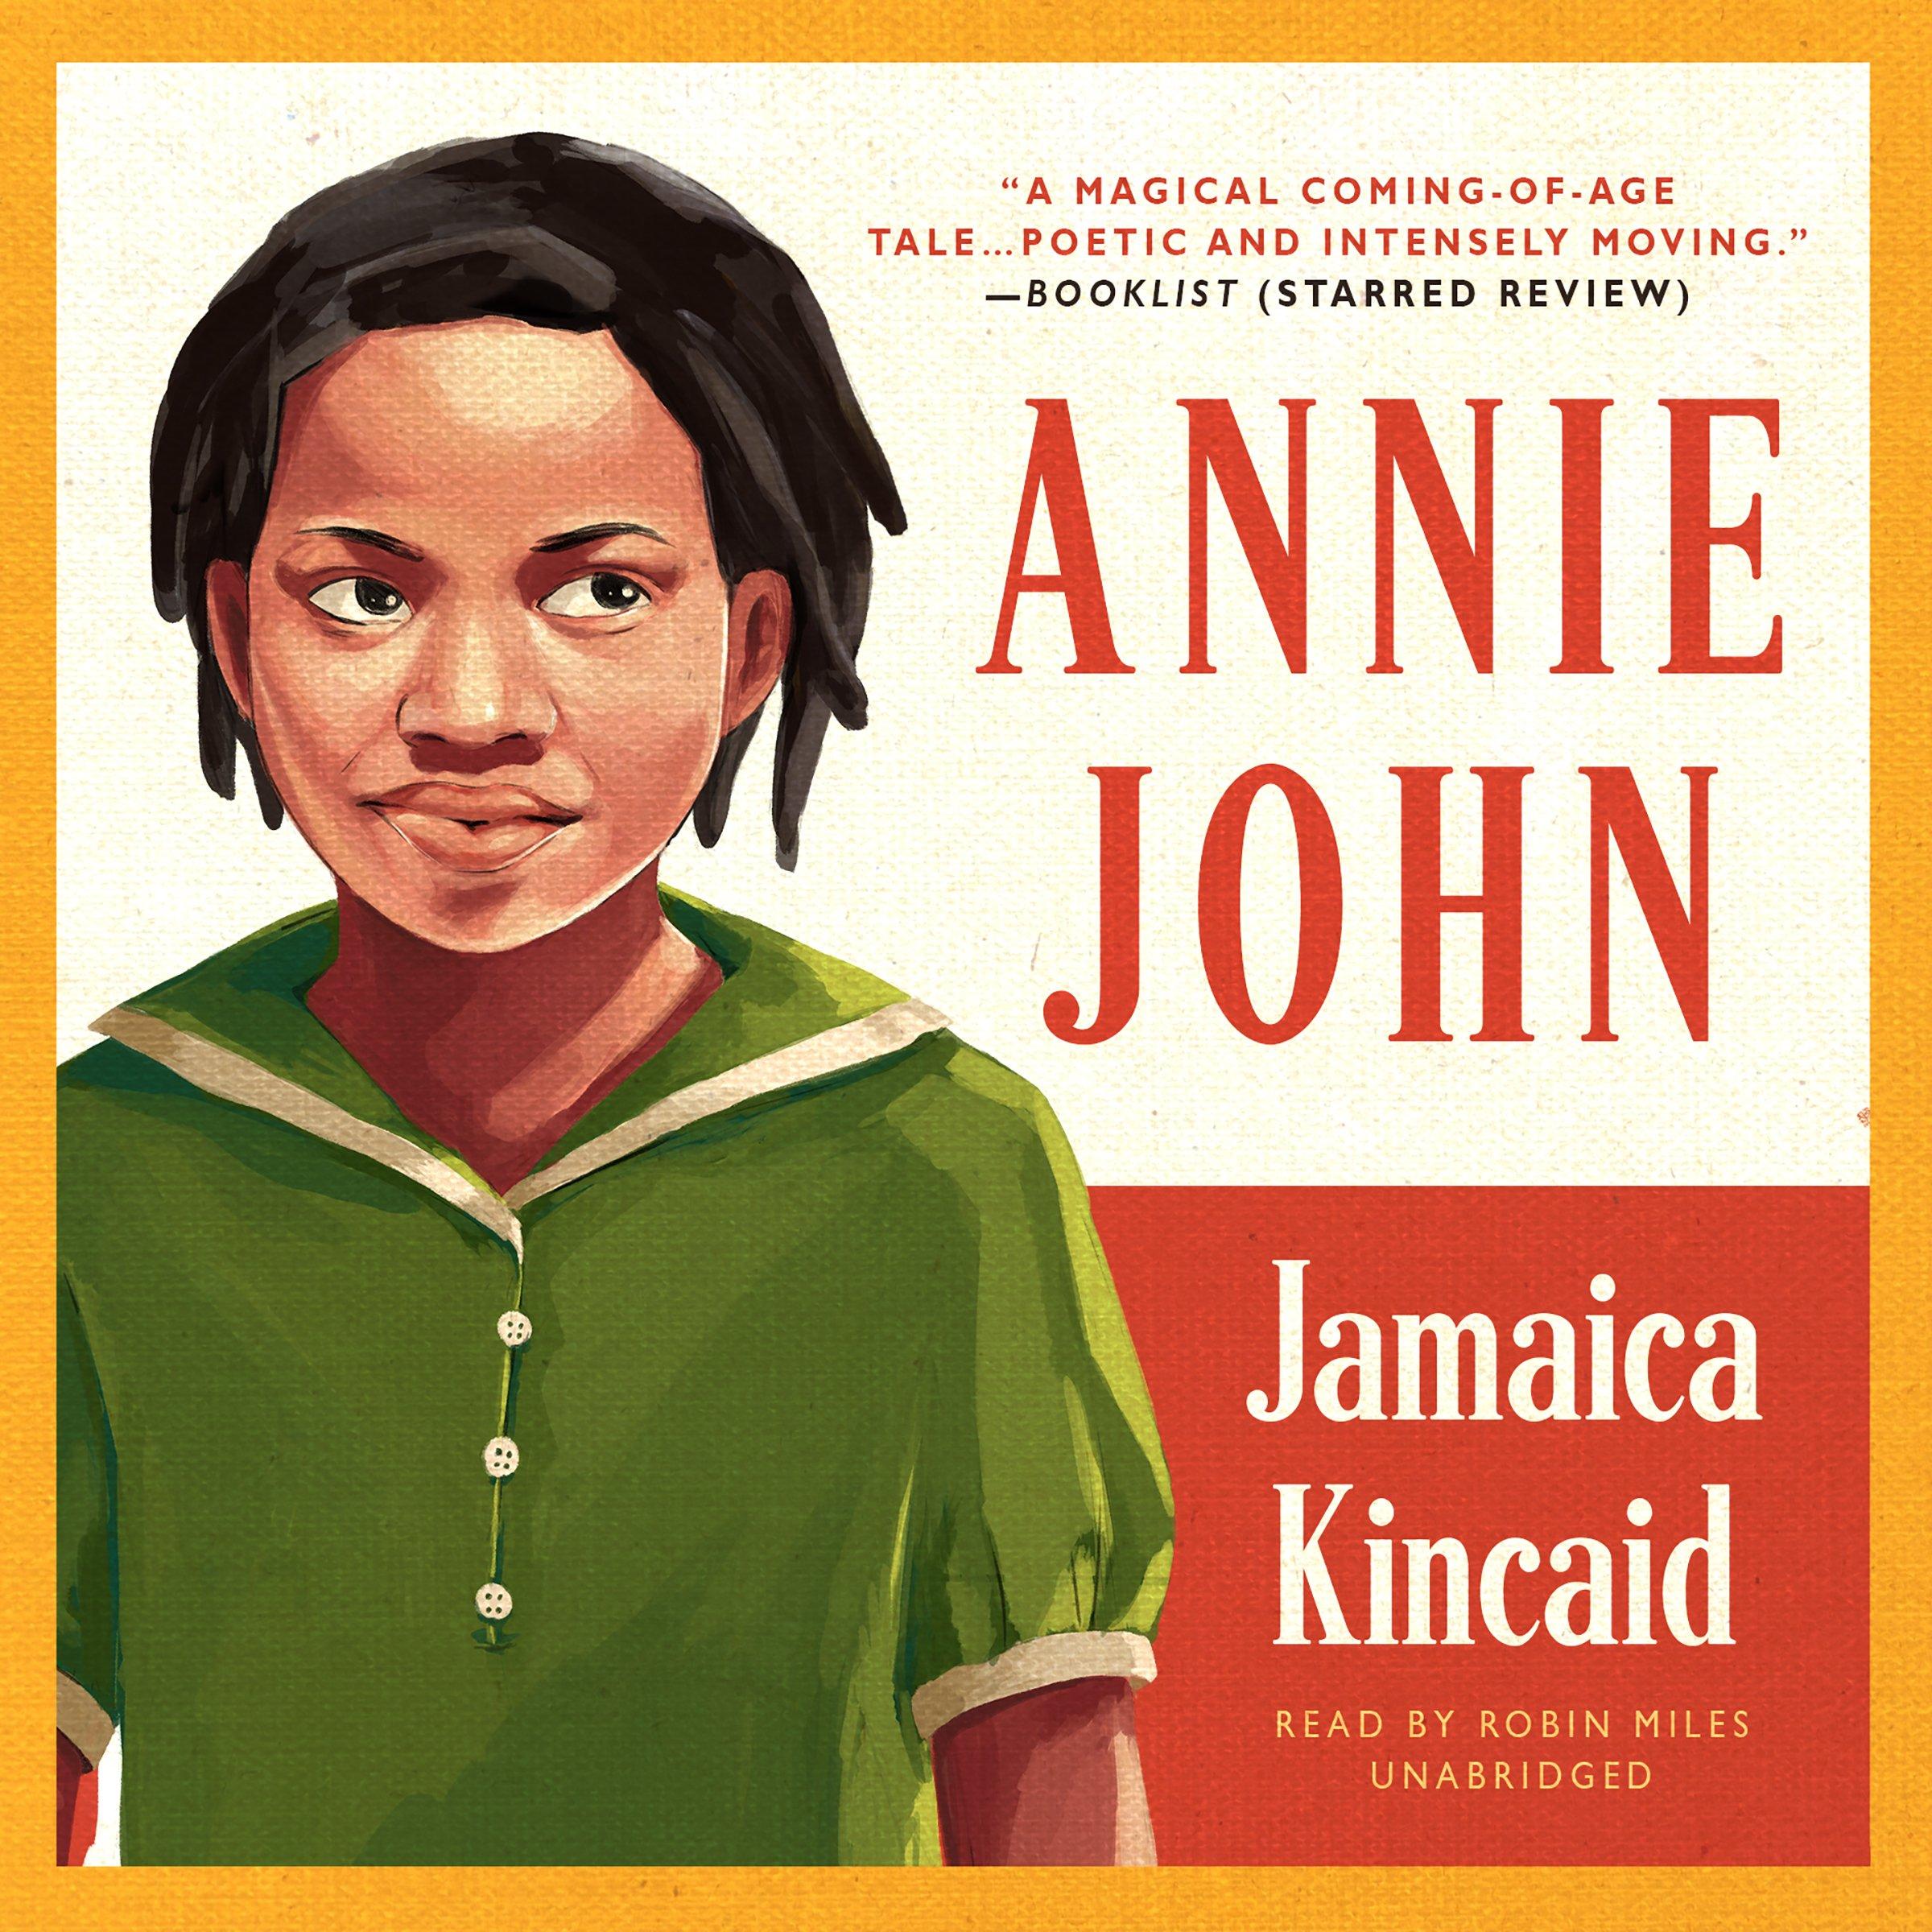 Annie john review